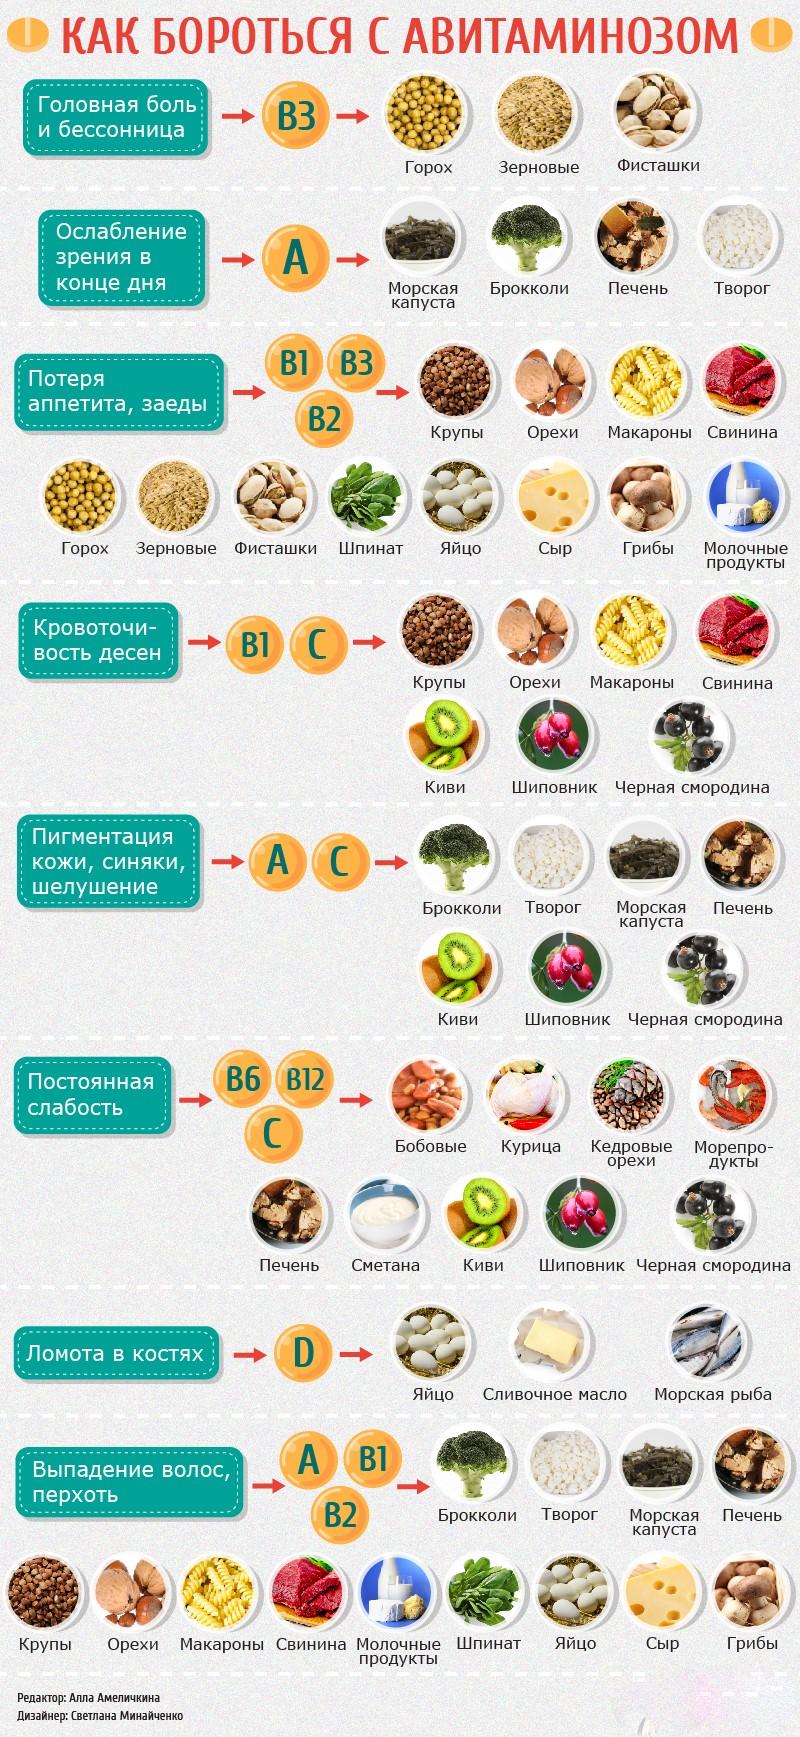 avitaminoz-tablitsa-nuzhnyh-vitaminov-v-produktah-1